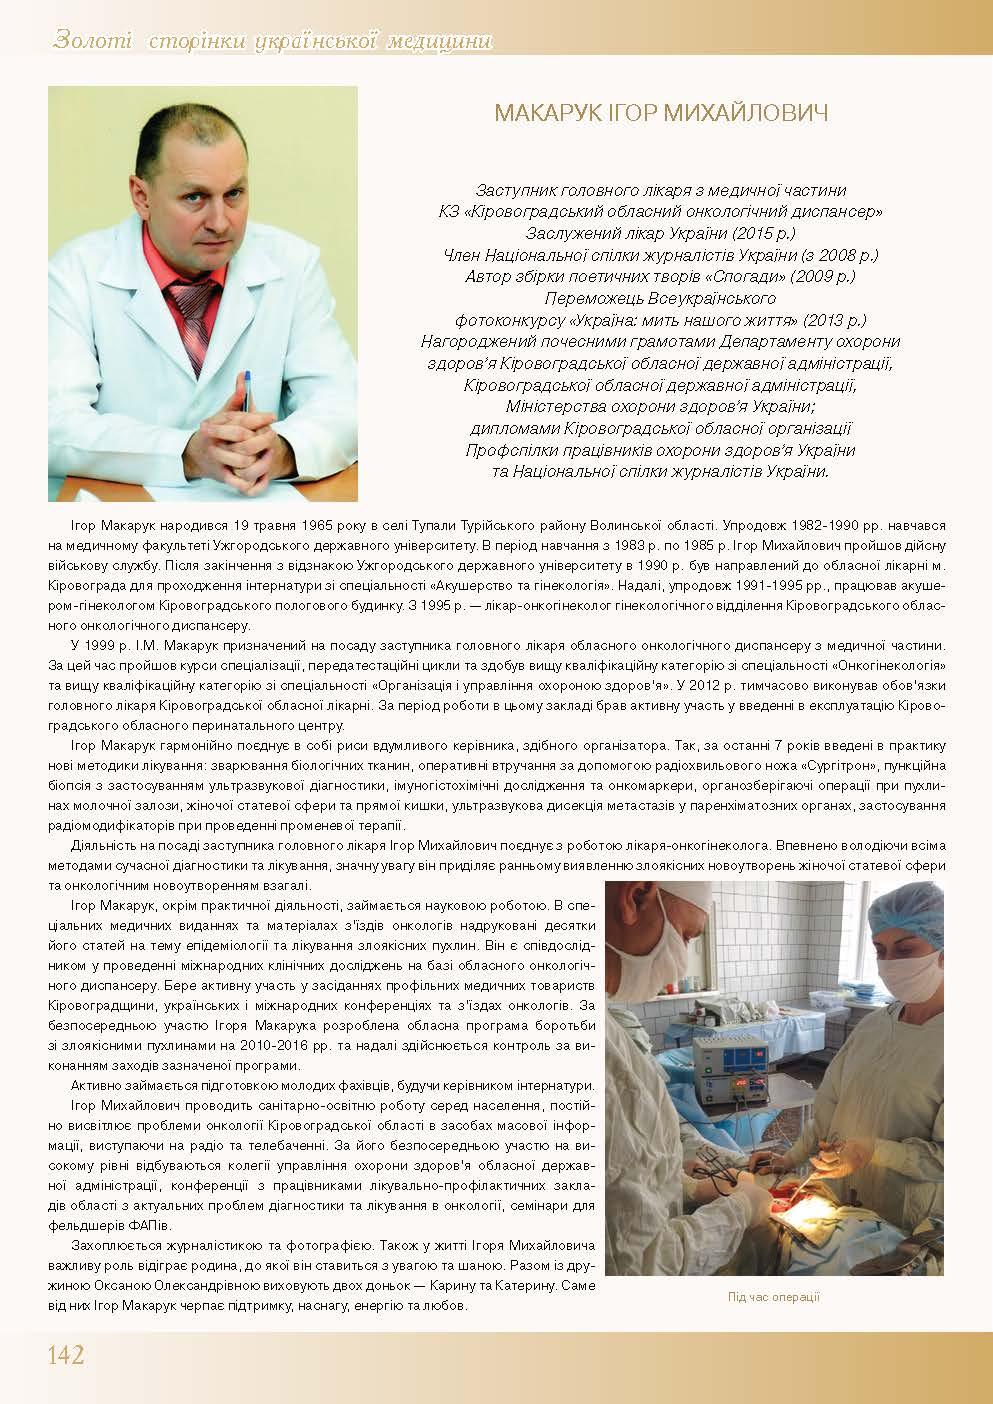 Макарук Ігор Михайлович